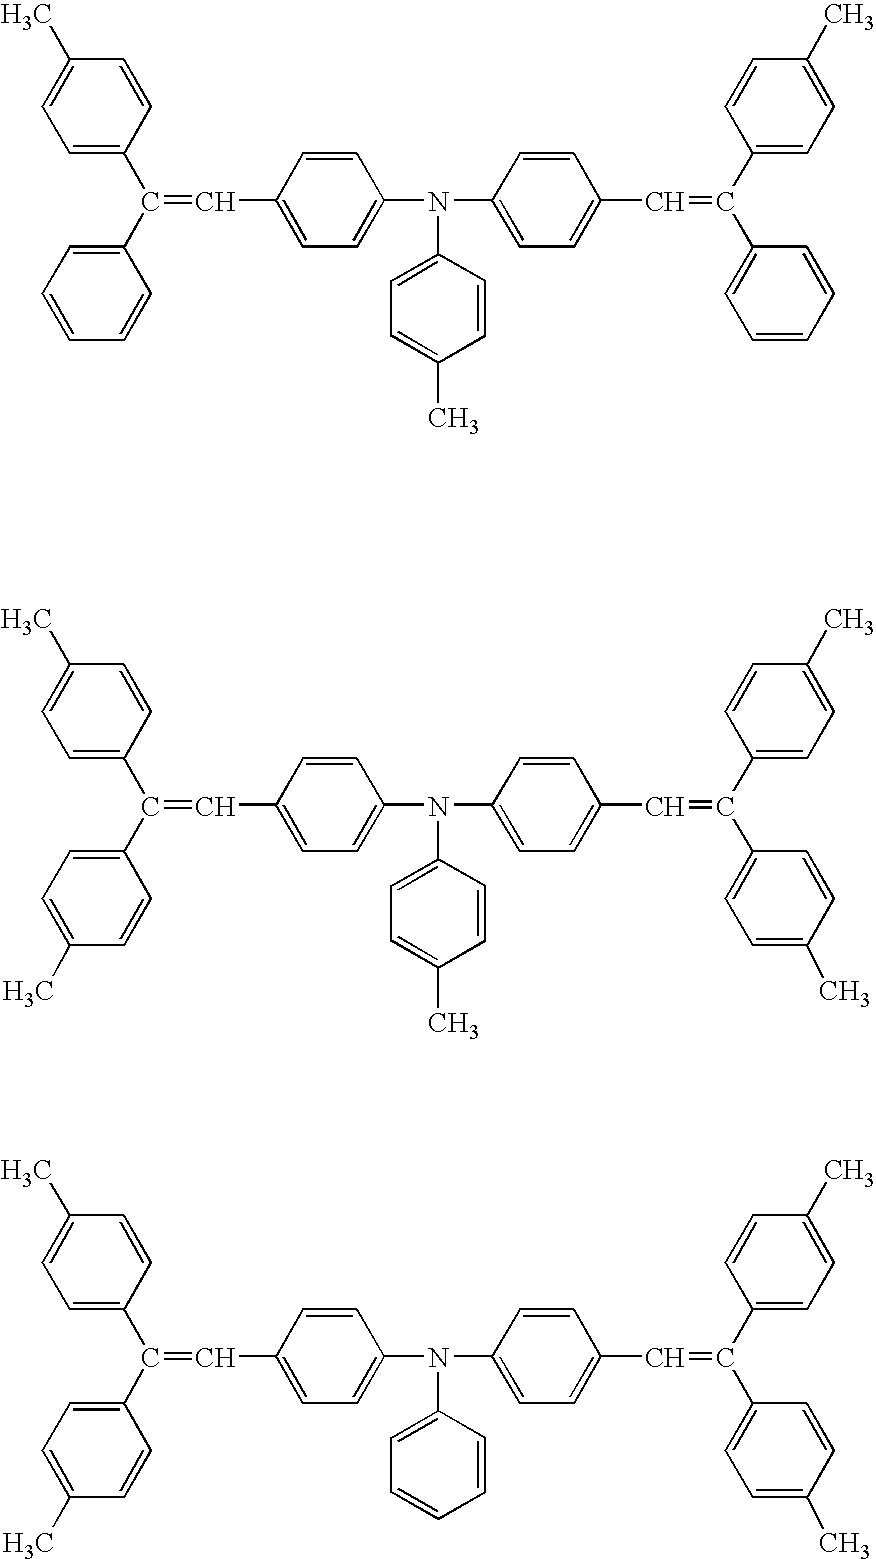 Figure US20070231733A1-20071004-C00012